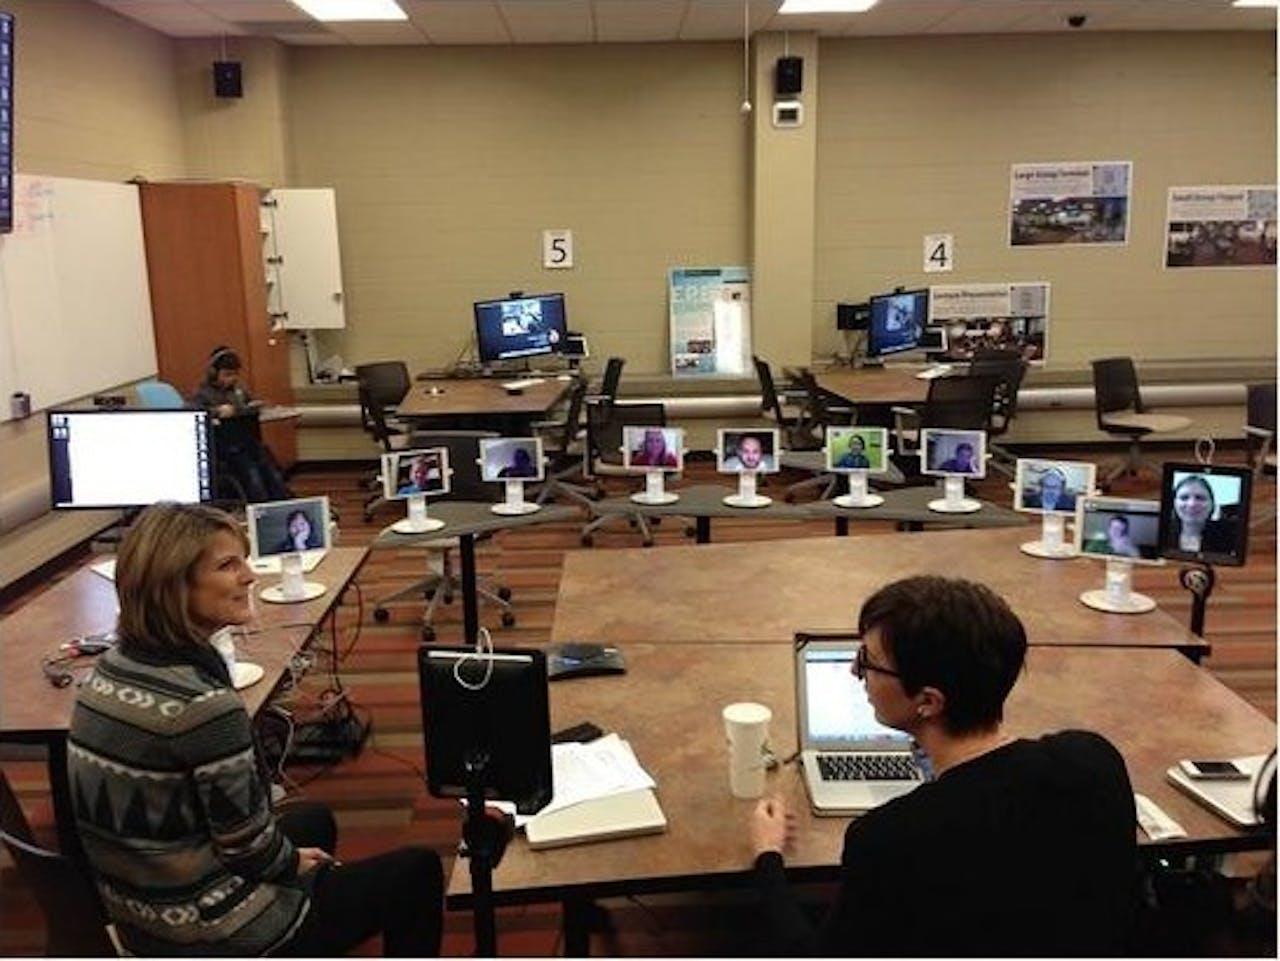 Een klas vol robots. Elke student kan zelf de richting van zijn scherm bepalen. Zo kunnen zij de docent of juist elkaar aankijken.